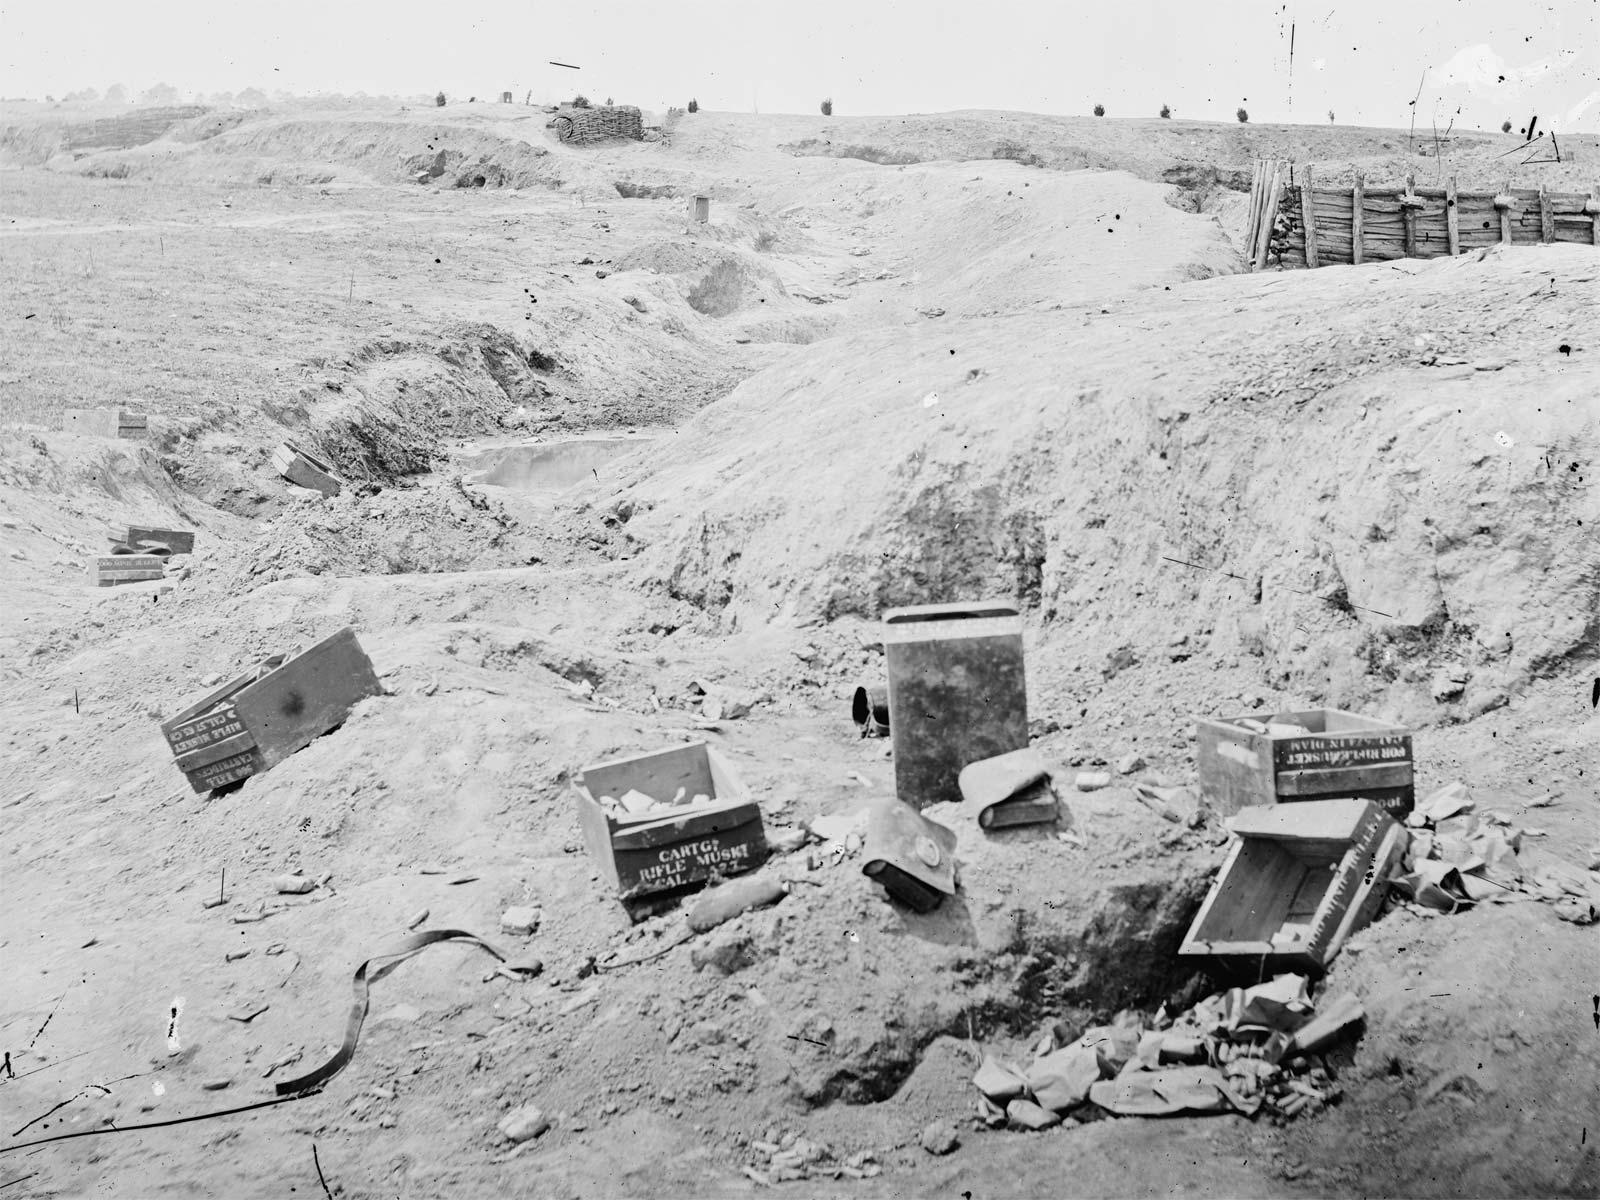 Ammunition crates litter the Petersburg battlefield. (Library of Congress)